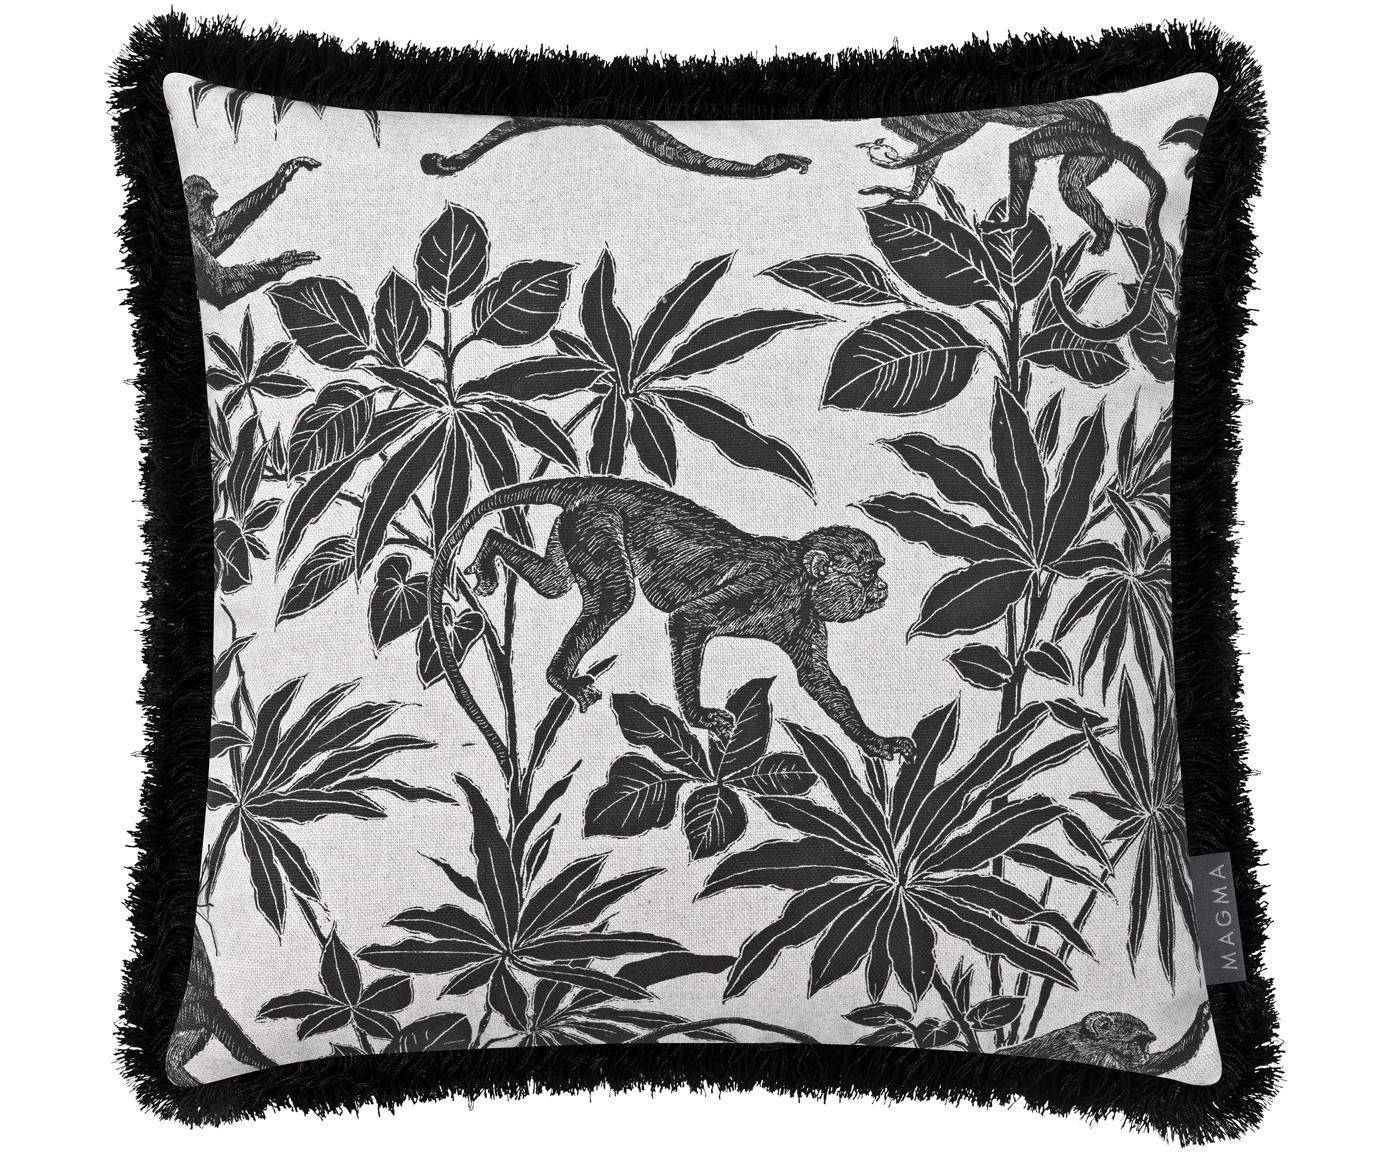 Poszewka na poduszkę z frędzlami Monkey, 90%bawełna, 10%poliester, Czarny, złamana biel, S 40 x D 40 cm